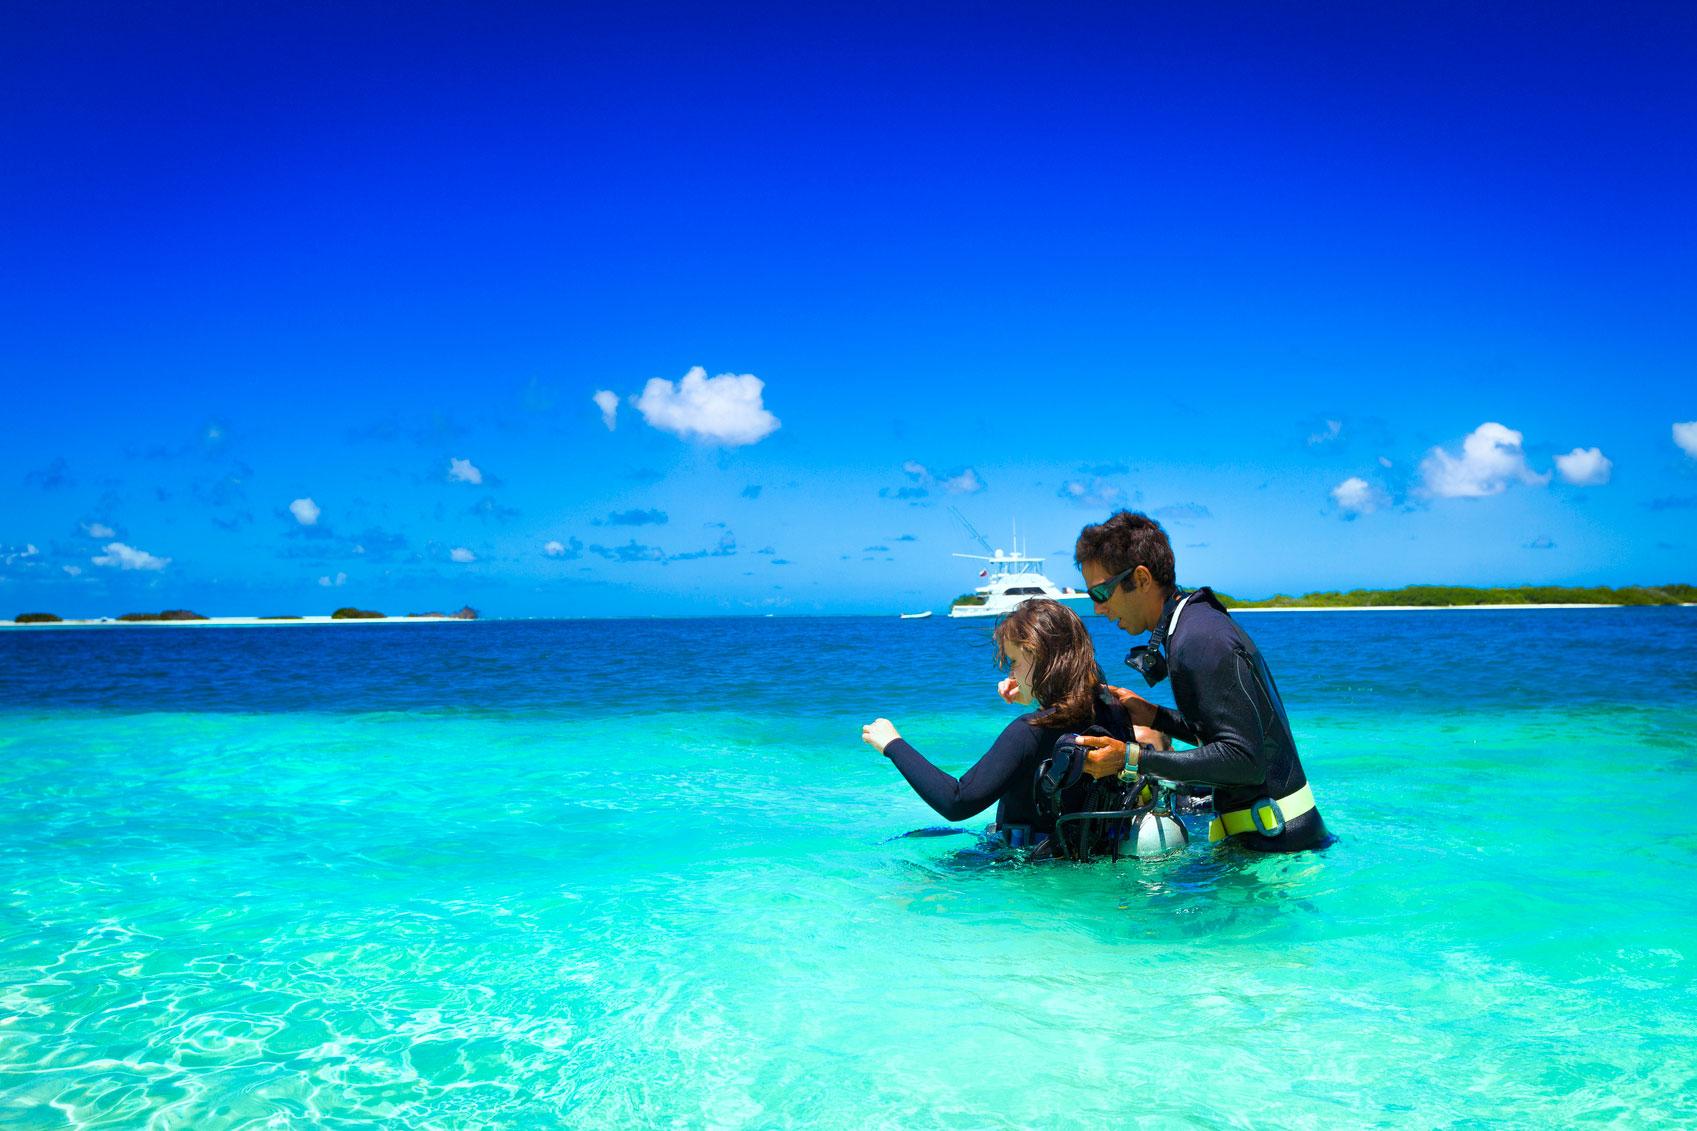 scufundări în luna de miere, sursa fly-go.ro